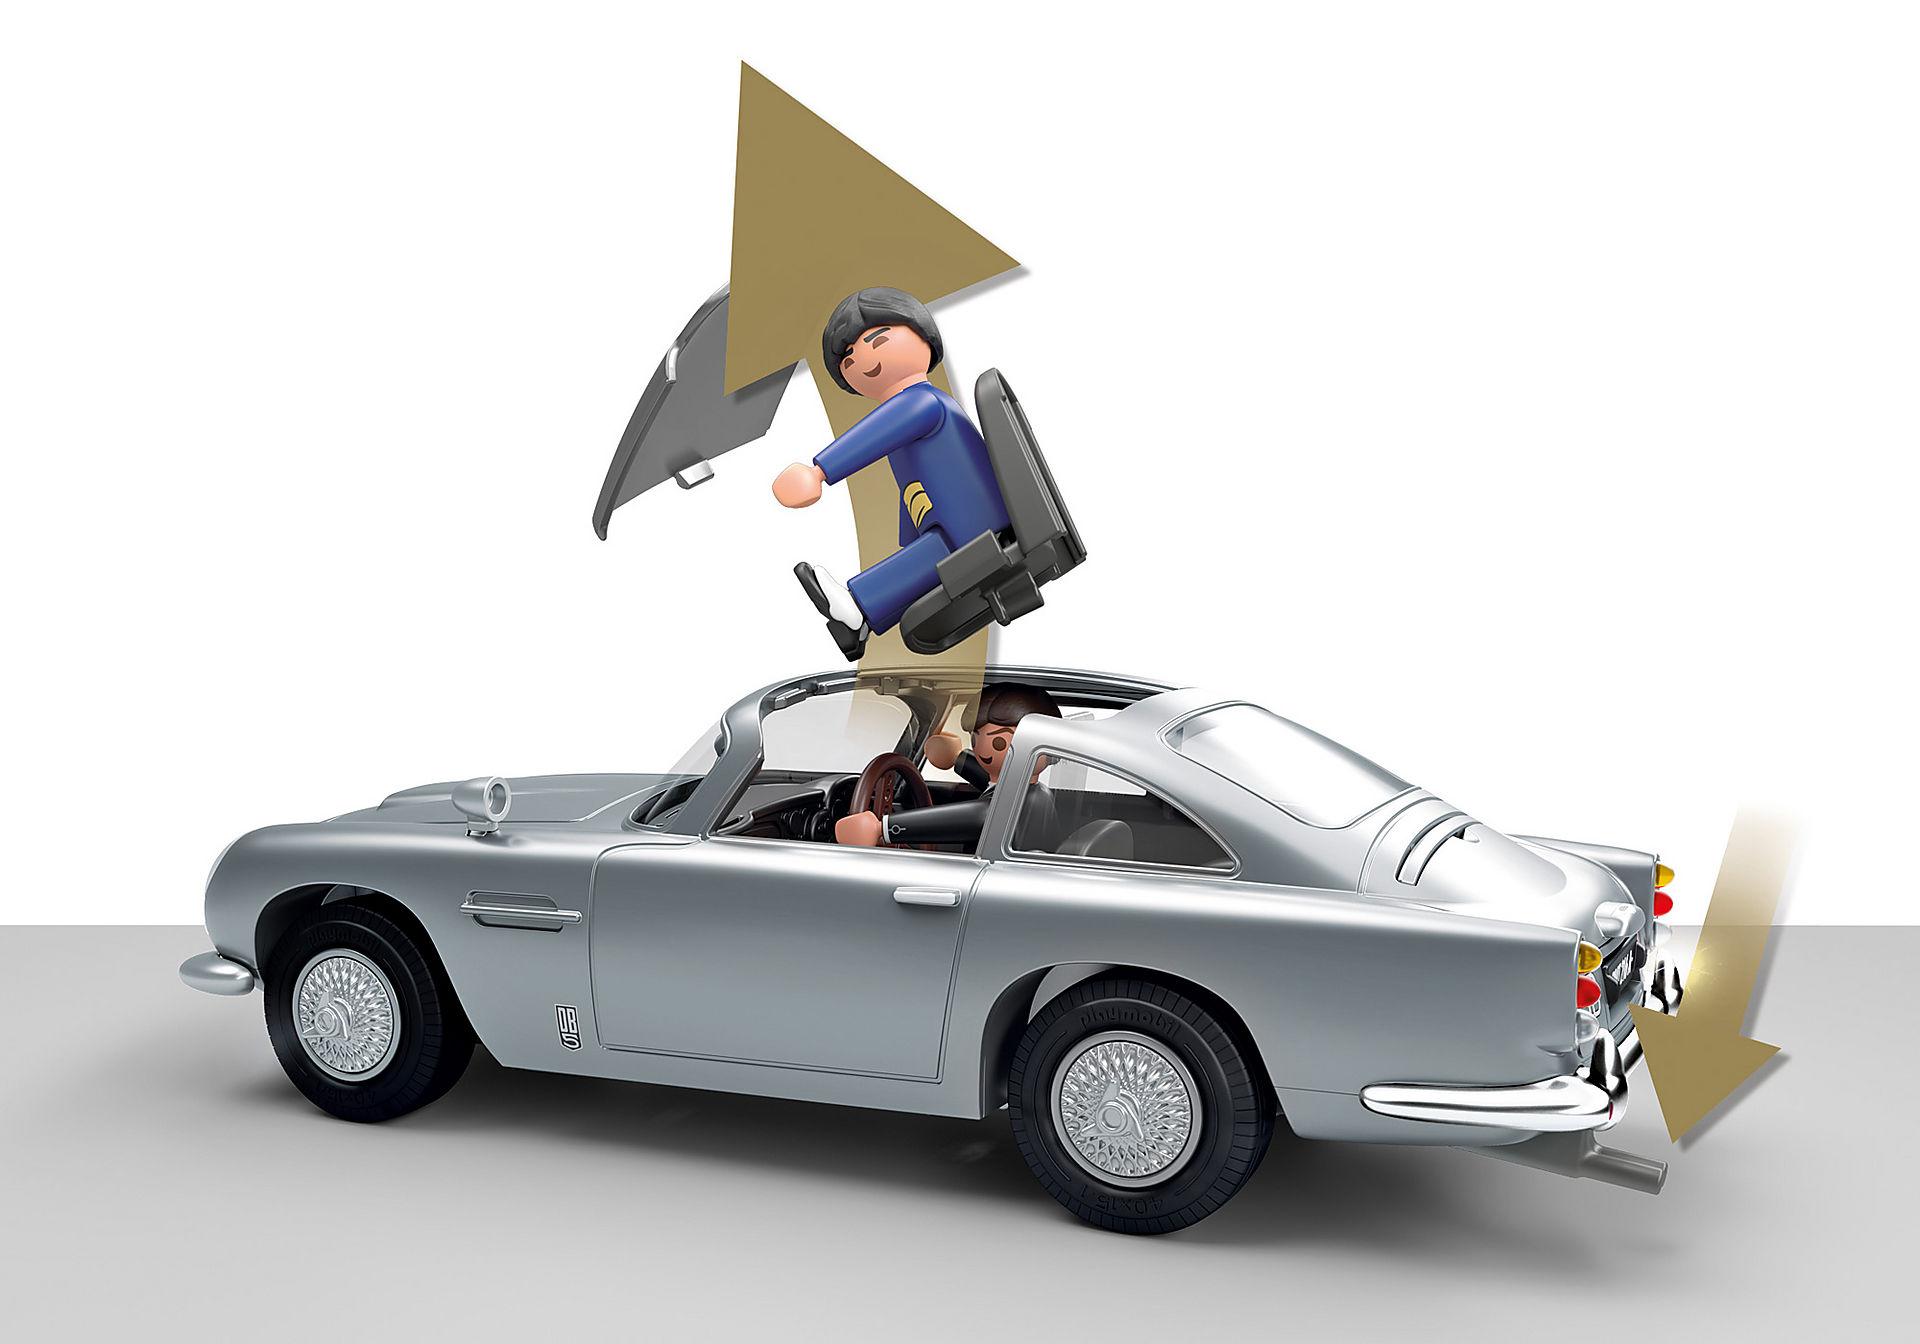 70578 James Bond Aston Martin DB5 - Edición Goldfinger zoom image6